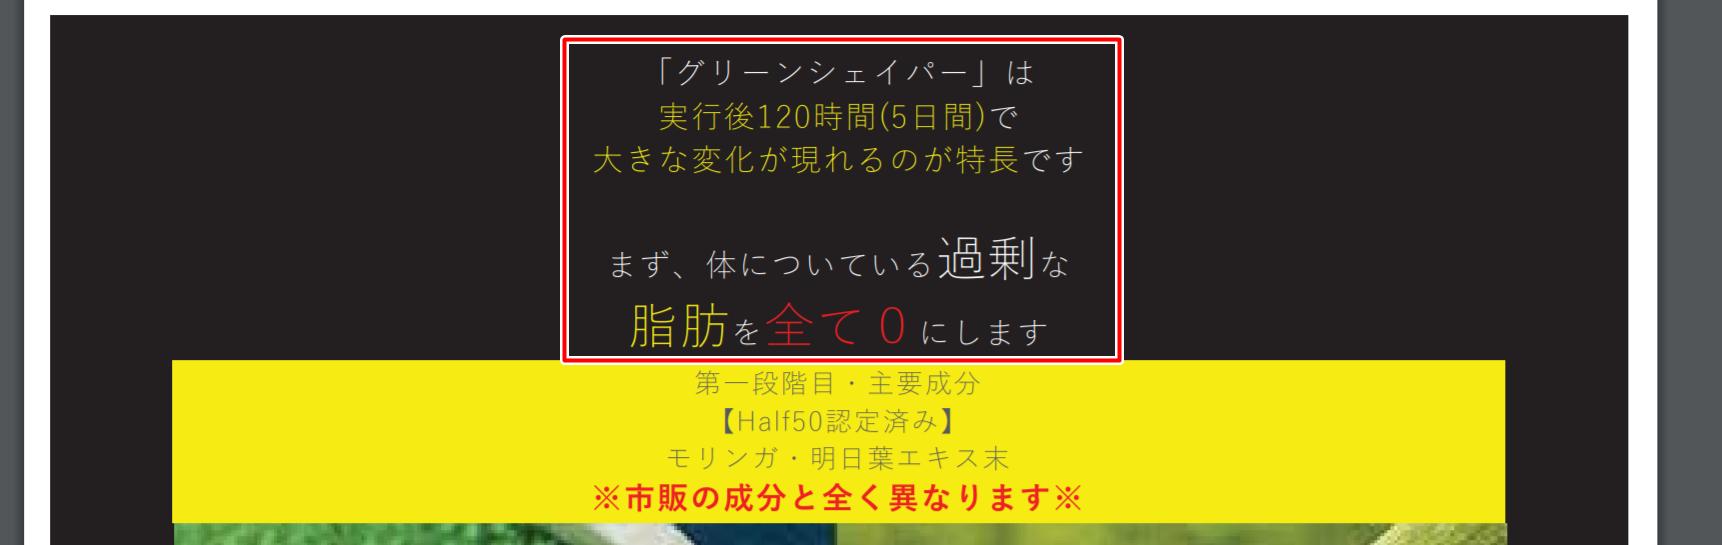 【消費者庁からの一撃】アフィリエイト広告の誇大表示でアフィリエイターが消滅する?9